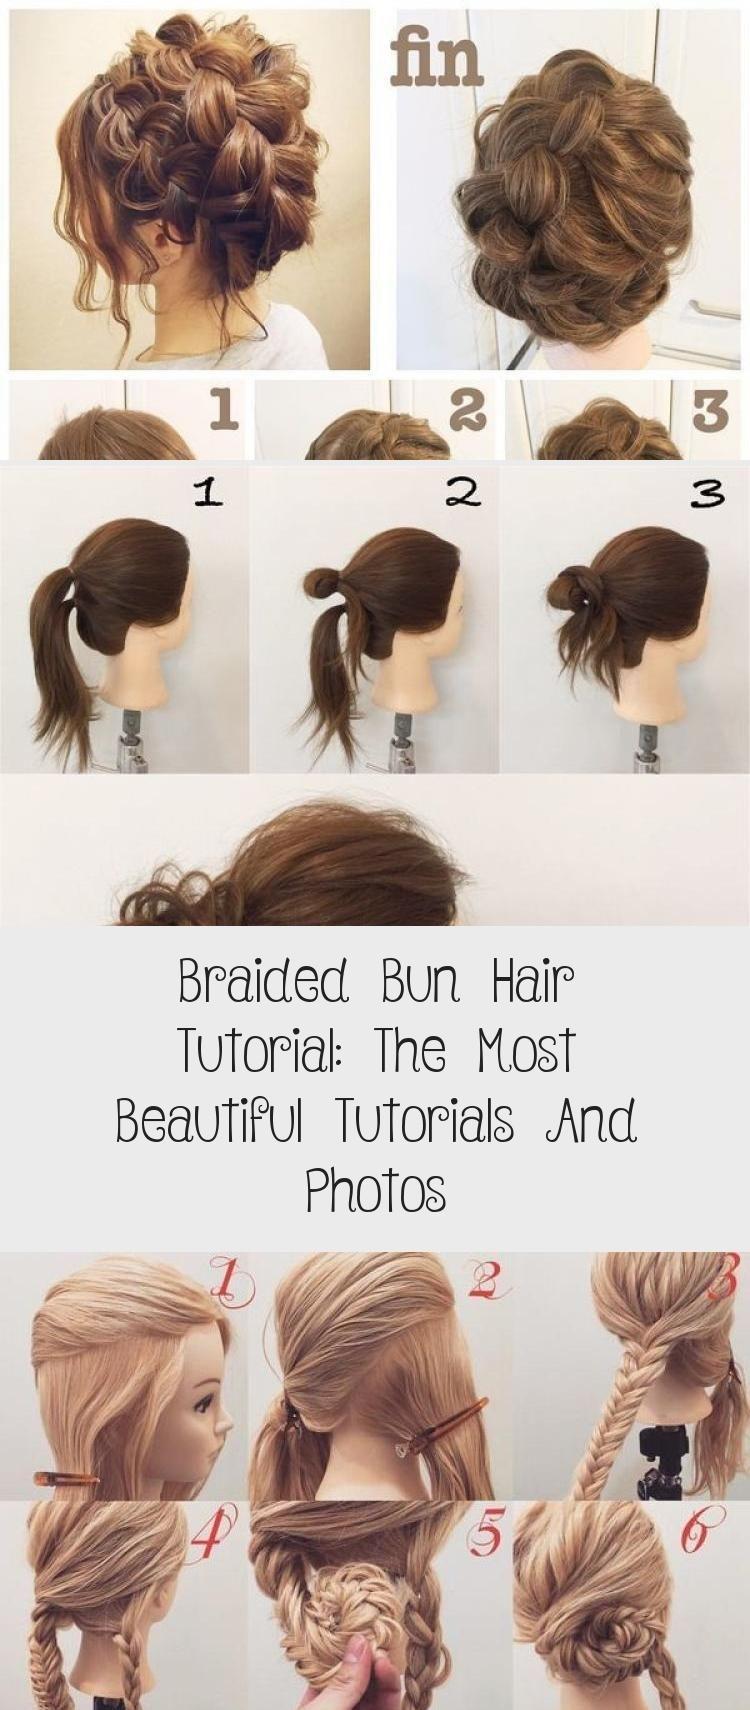 Braided Bun Hair Tutorial The Most Beautiful Tutorials And Photos In 2020 Hair Bun Tutorial Hair Tutorial Natural Hair Tutorials